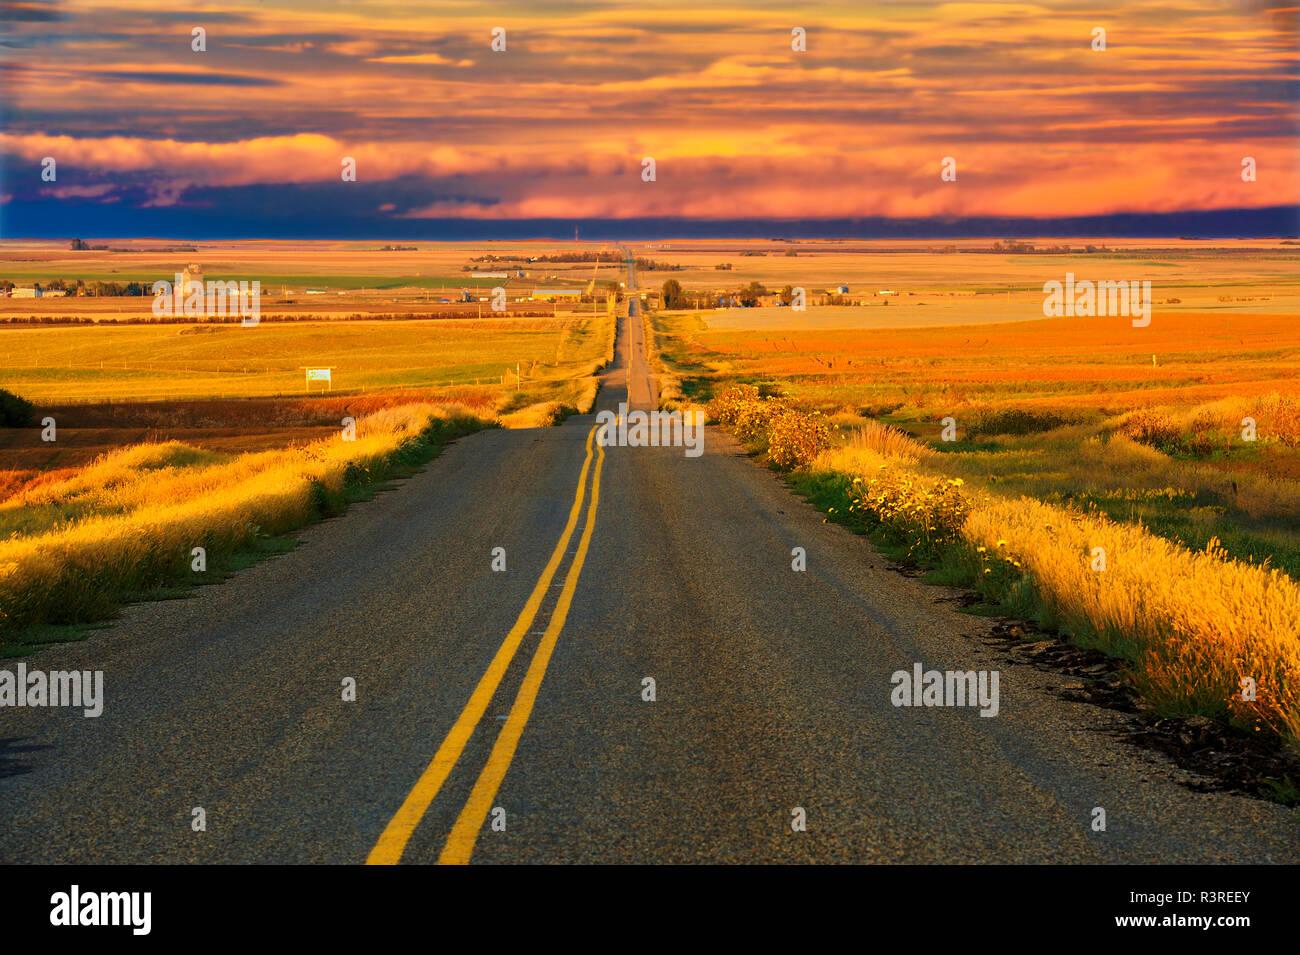 Canada, Saskatchewan, Braddock. Road through farmland. - Stock Image